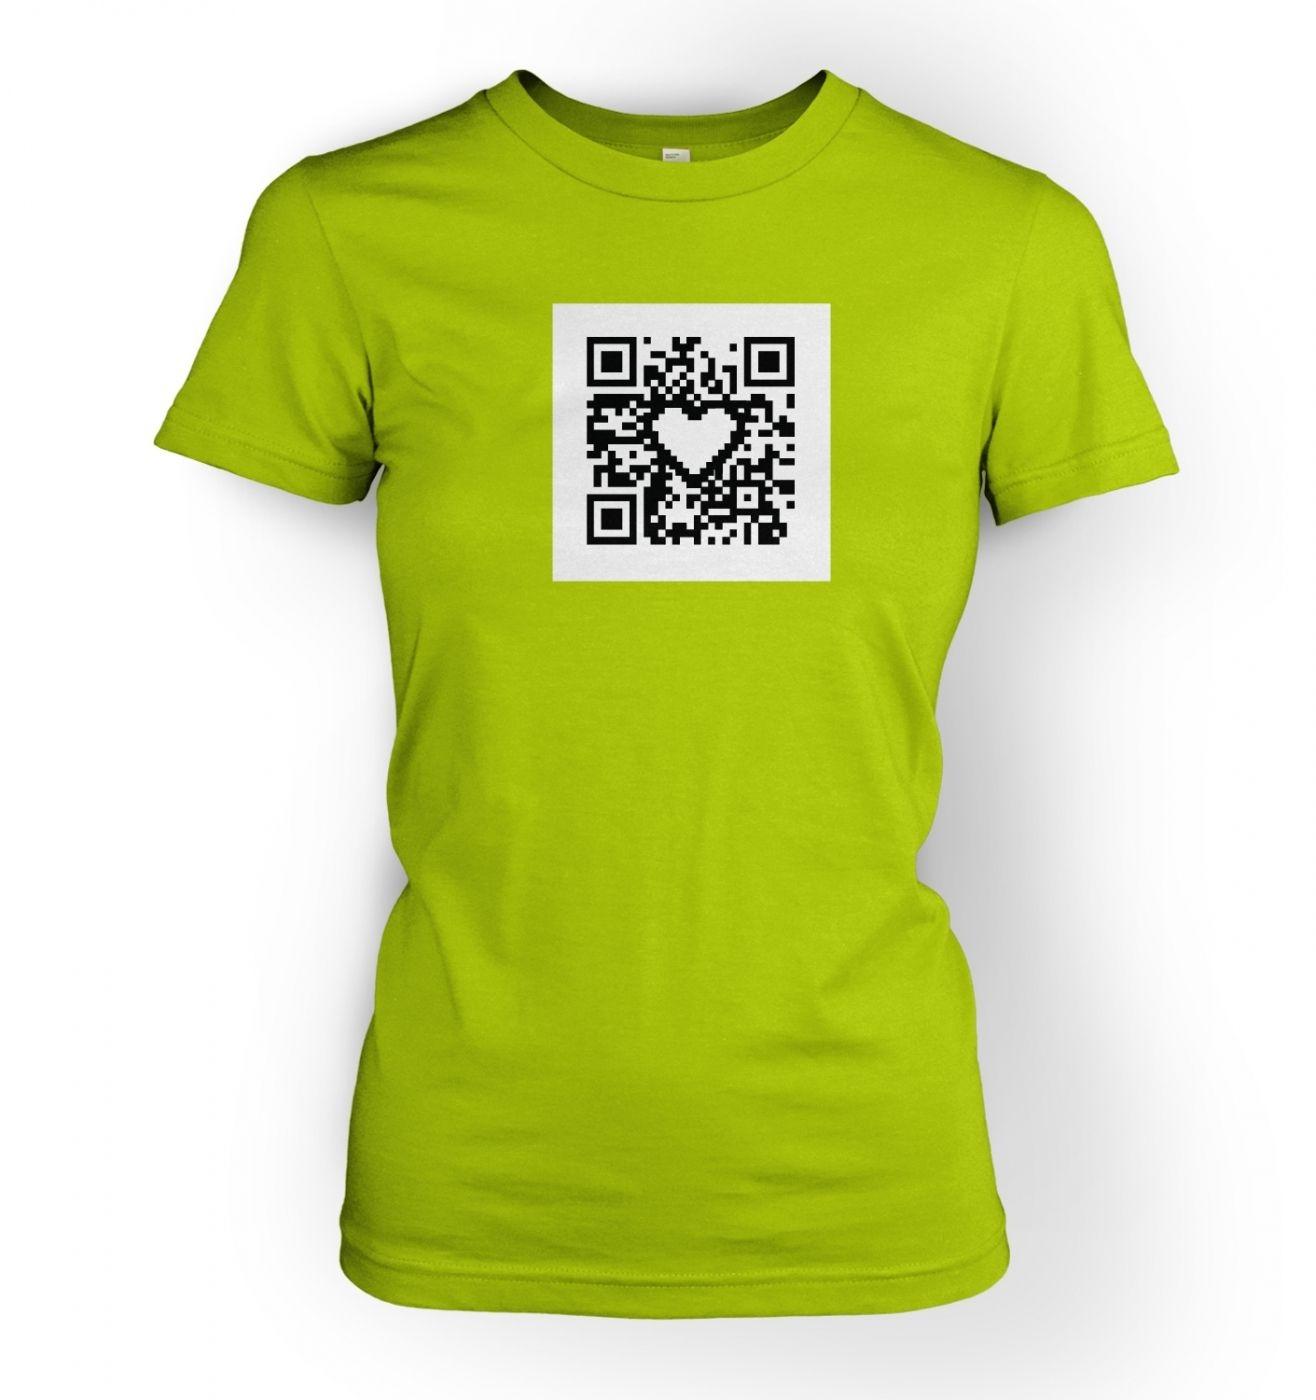 Women's QR code heart t-shirt